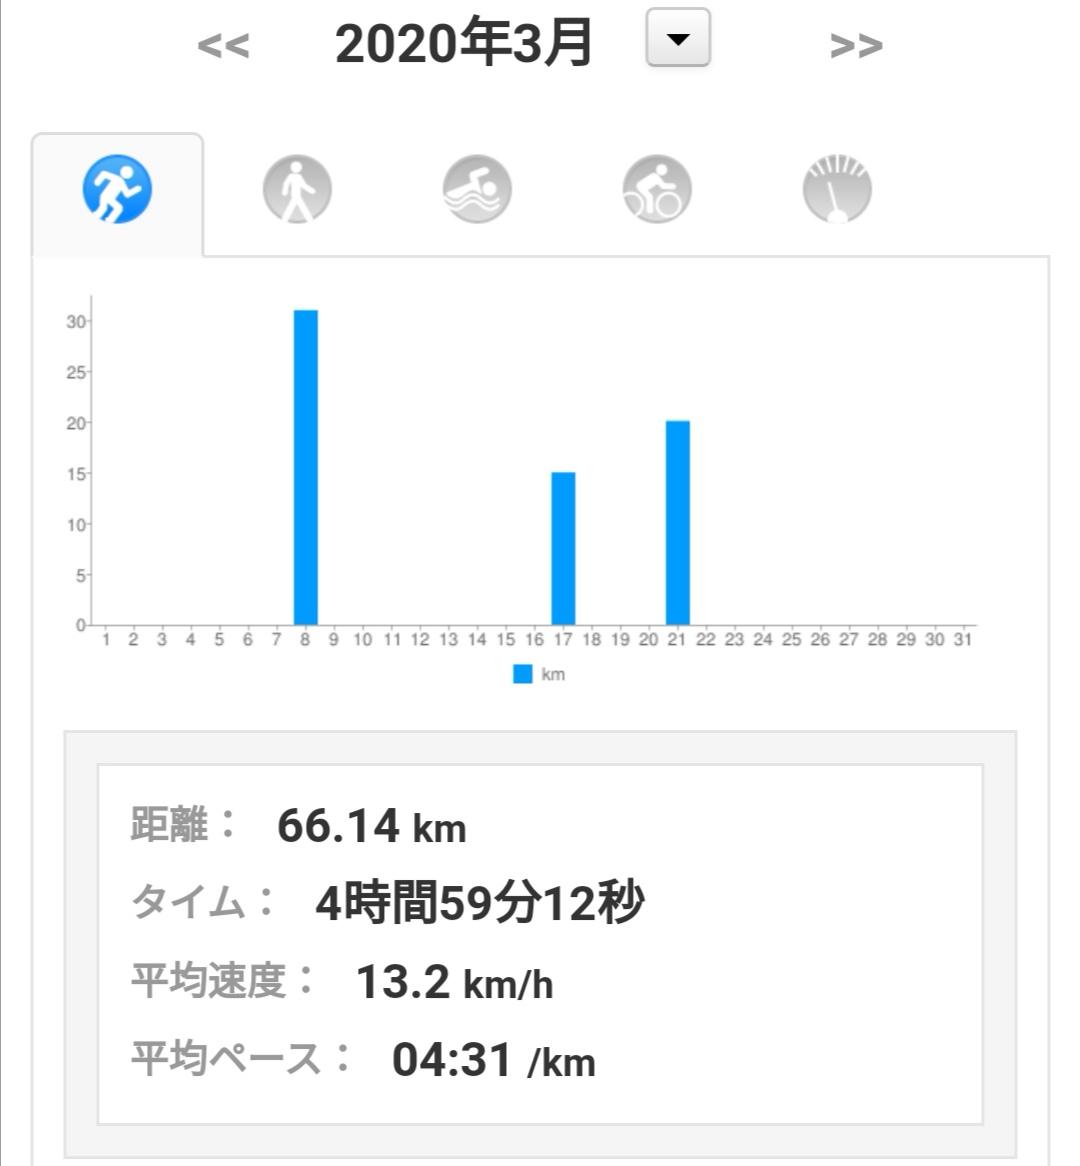 f:id:ake_ninja:20200401175246j:plain